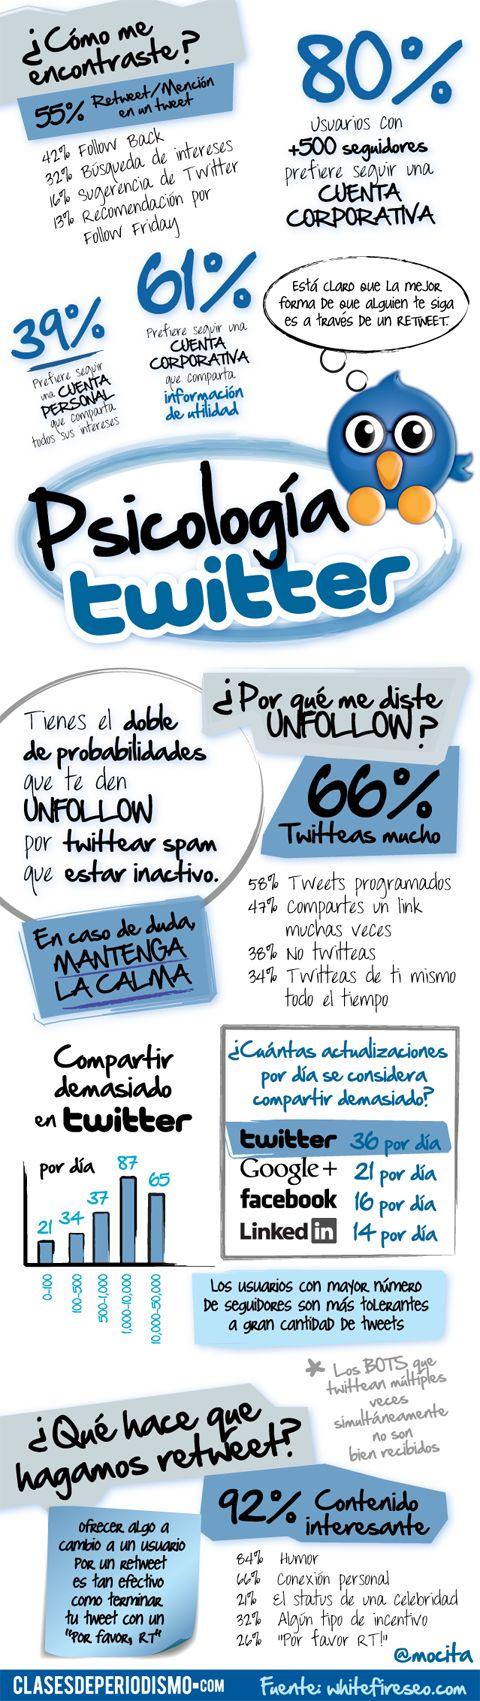 Psicologia di Twitter, infografica